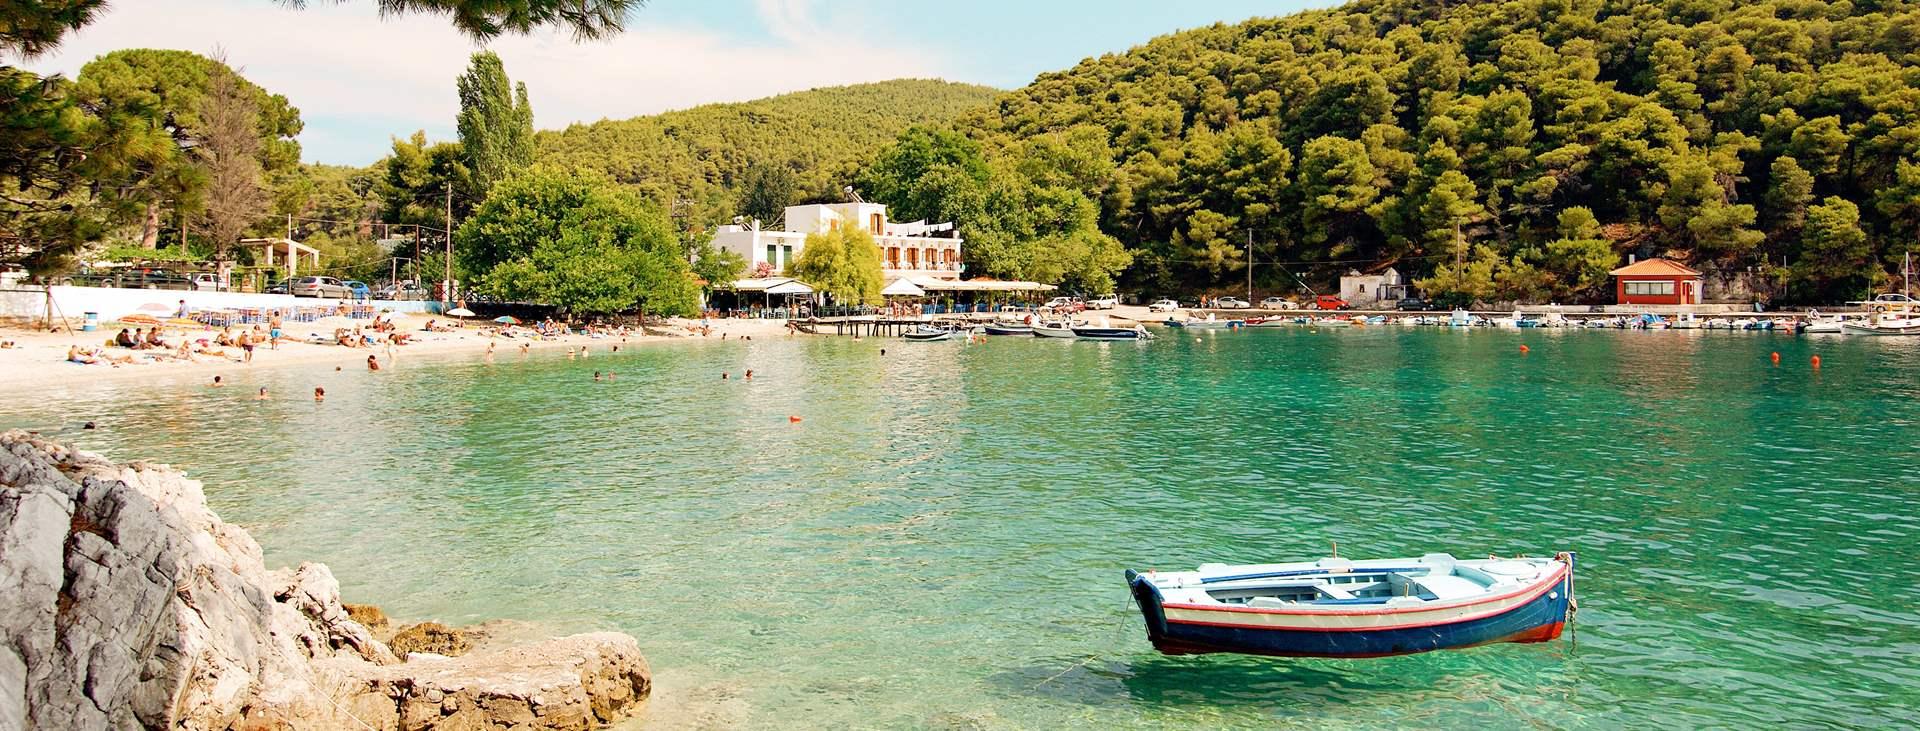 Boka din resa till Skopelos i Grekland med Ving